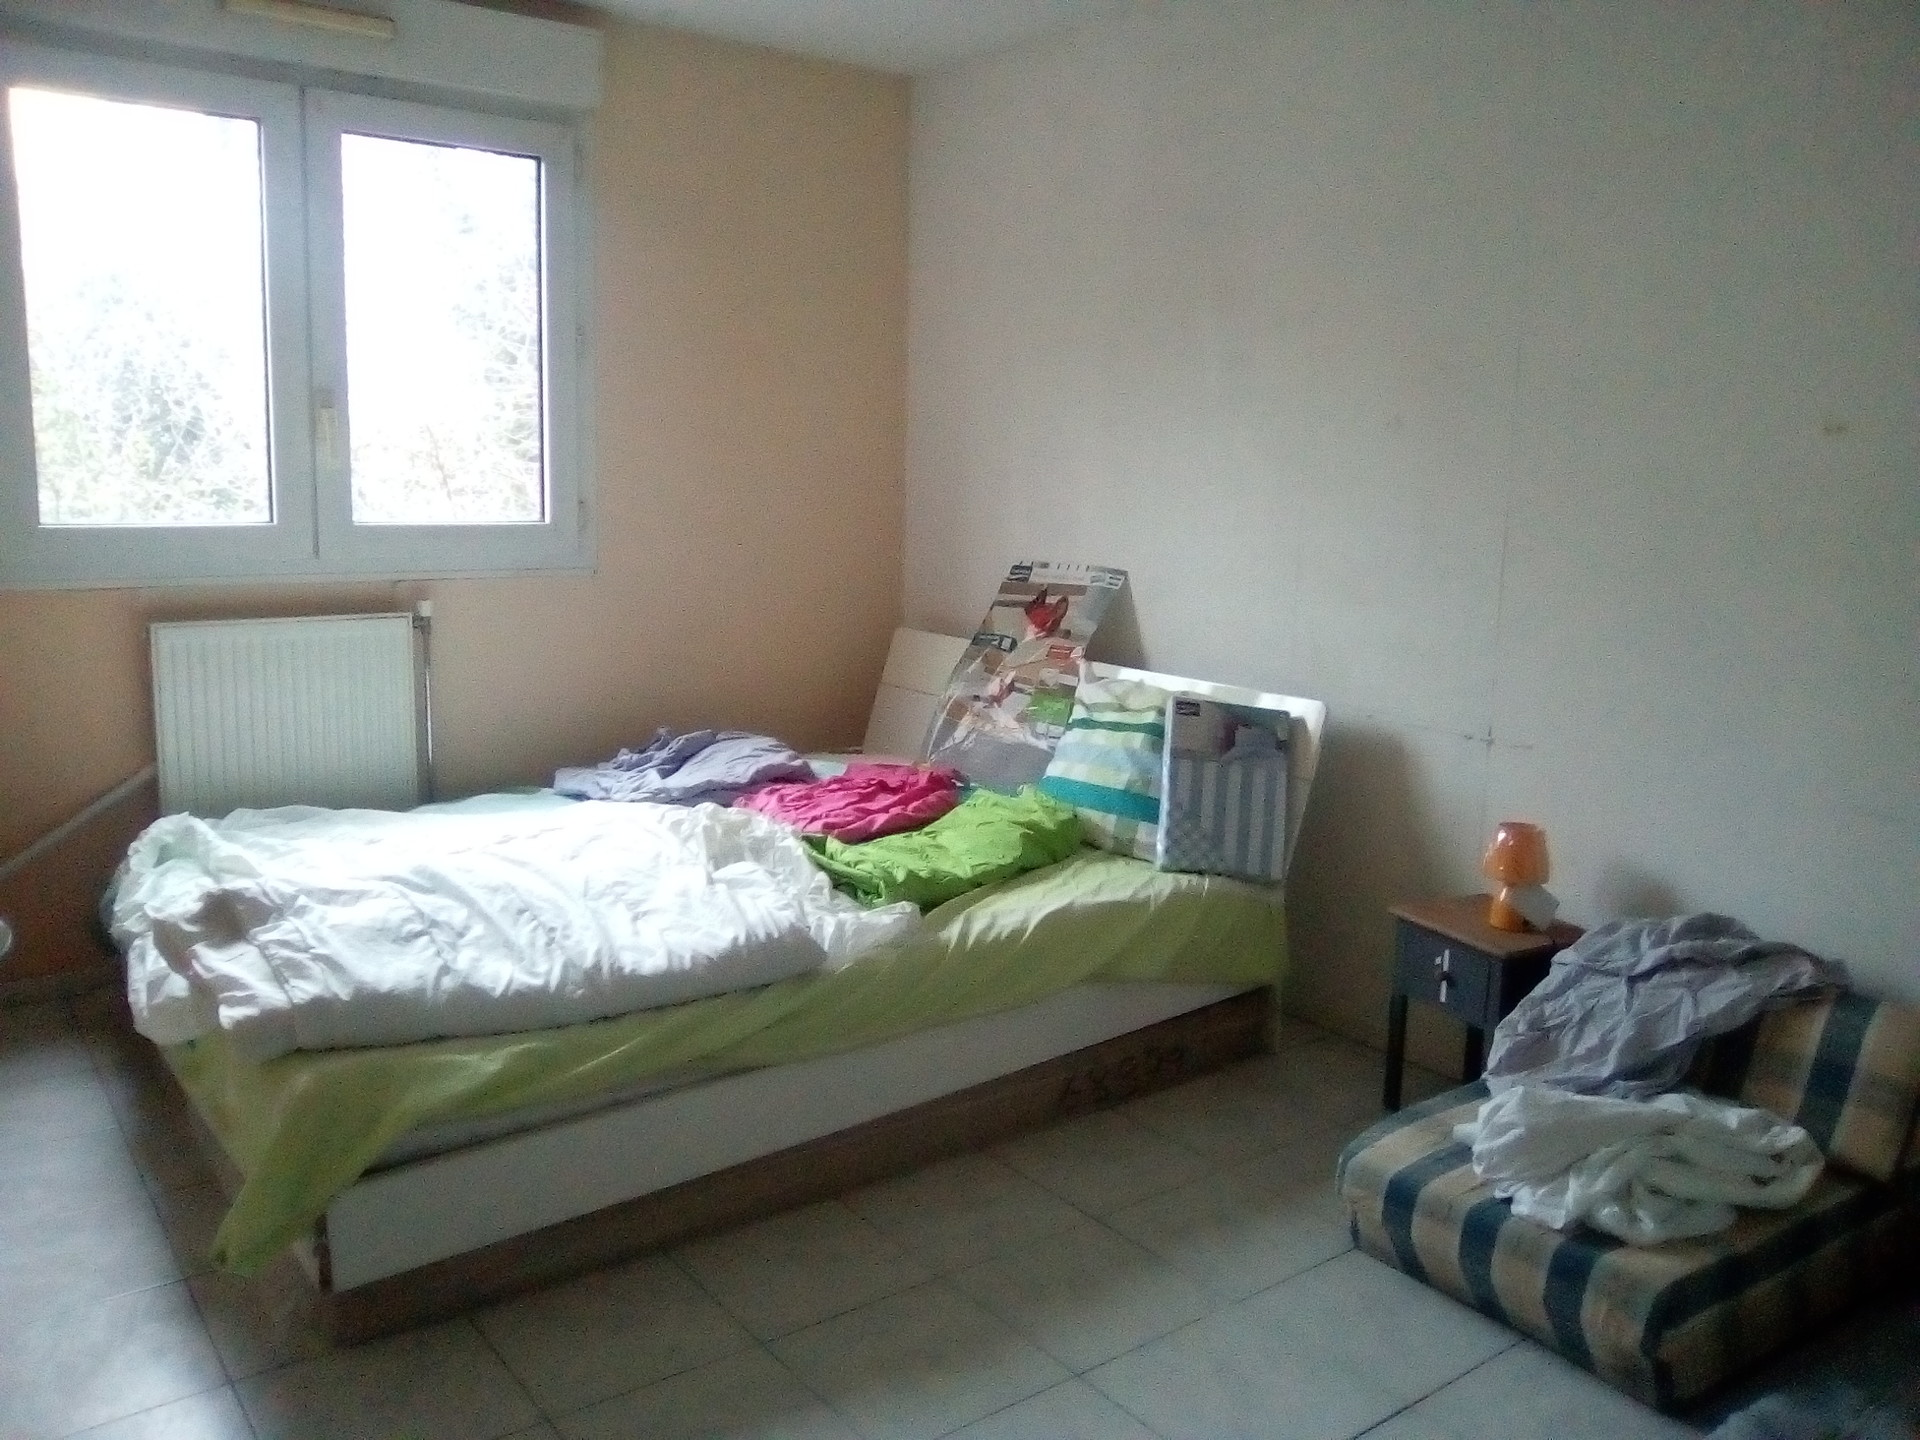 chambre 11m-king size bed-double placards,secrétaire,table et 2c